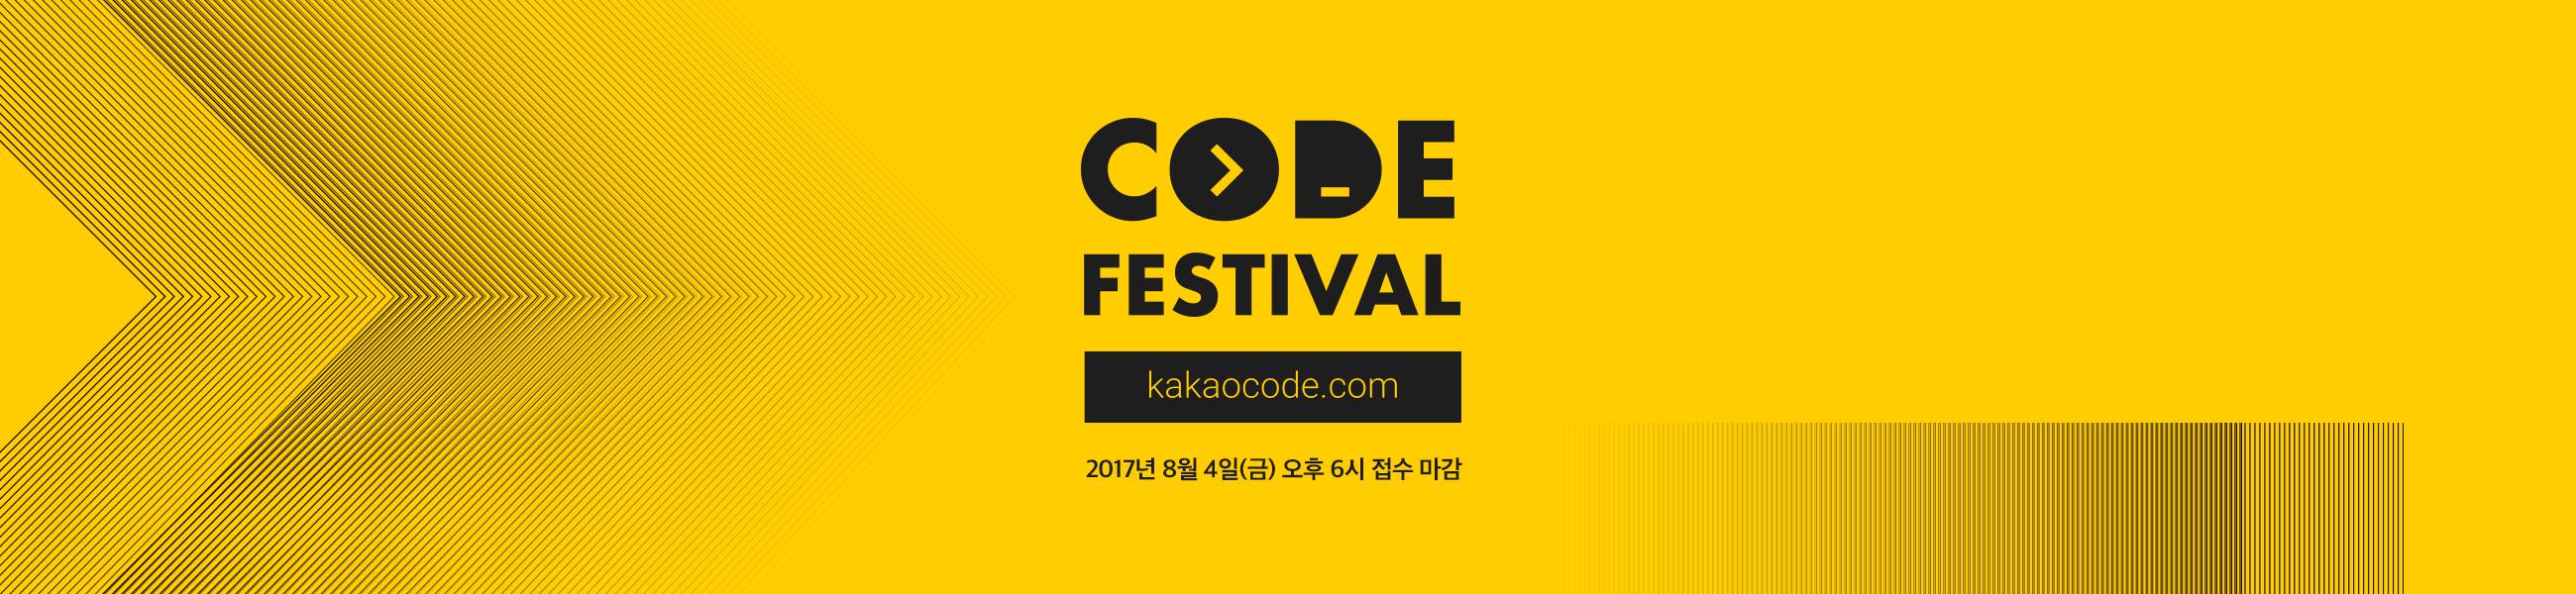 카카오 Code Festival의 이미지